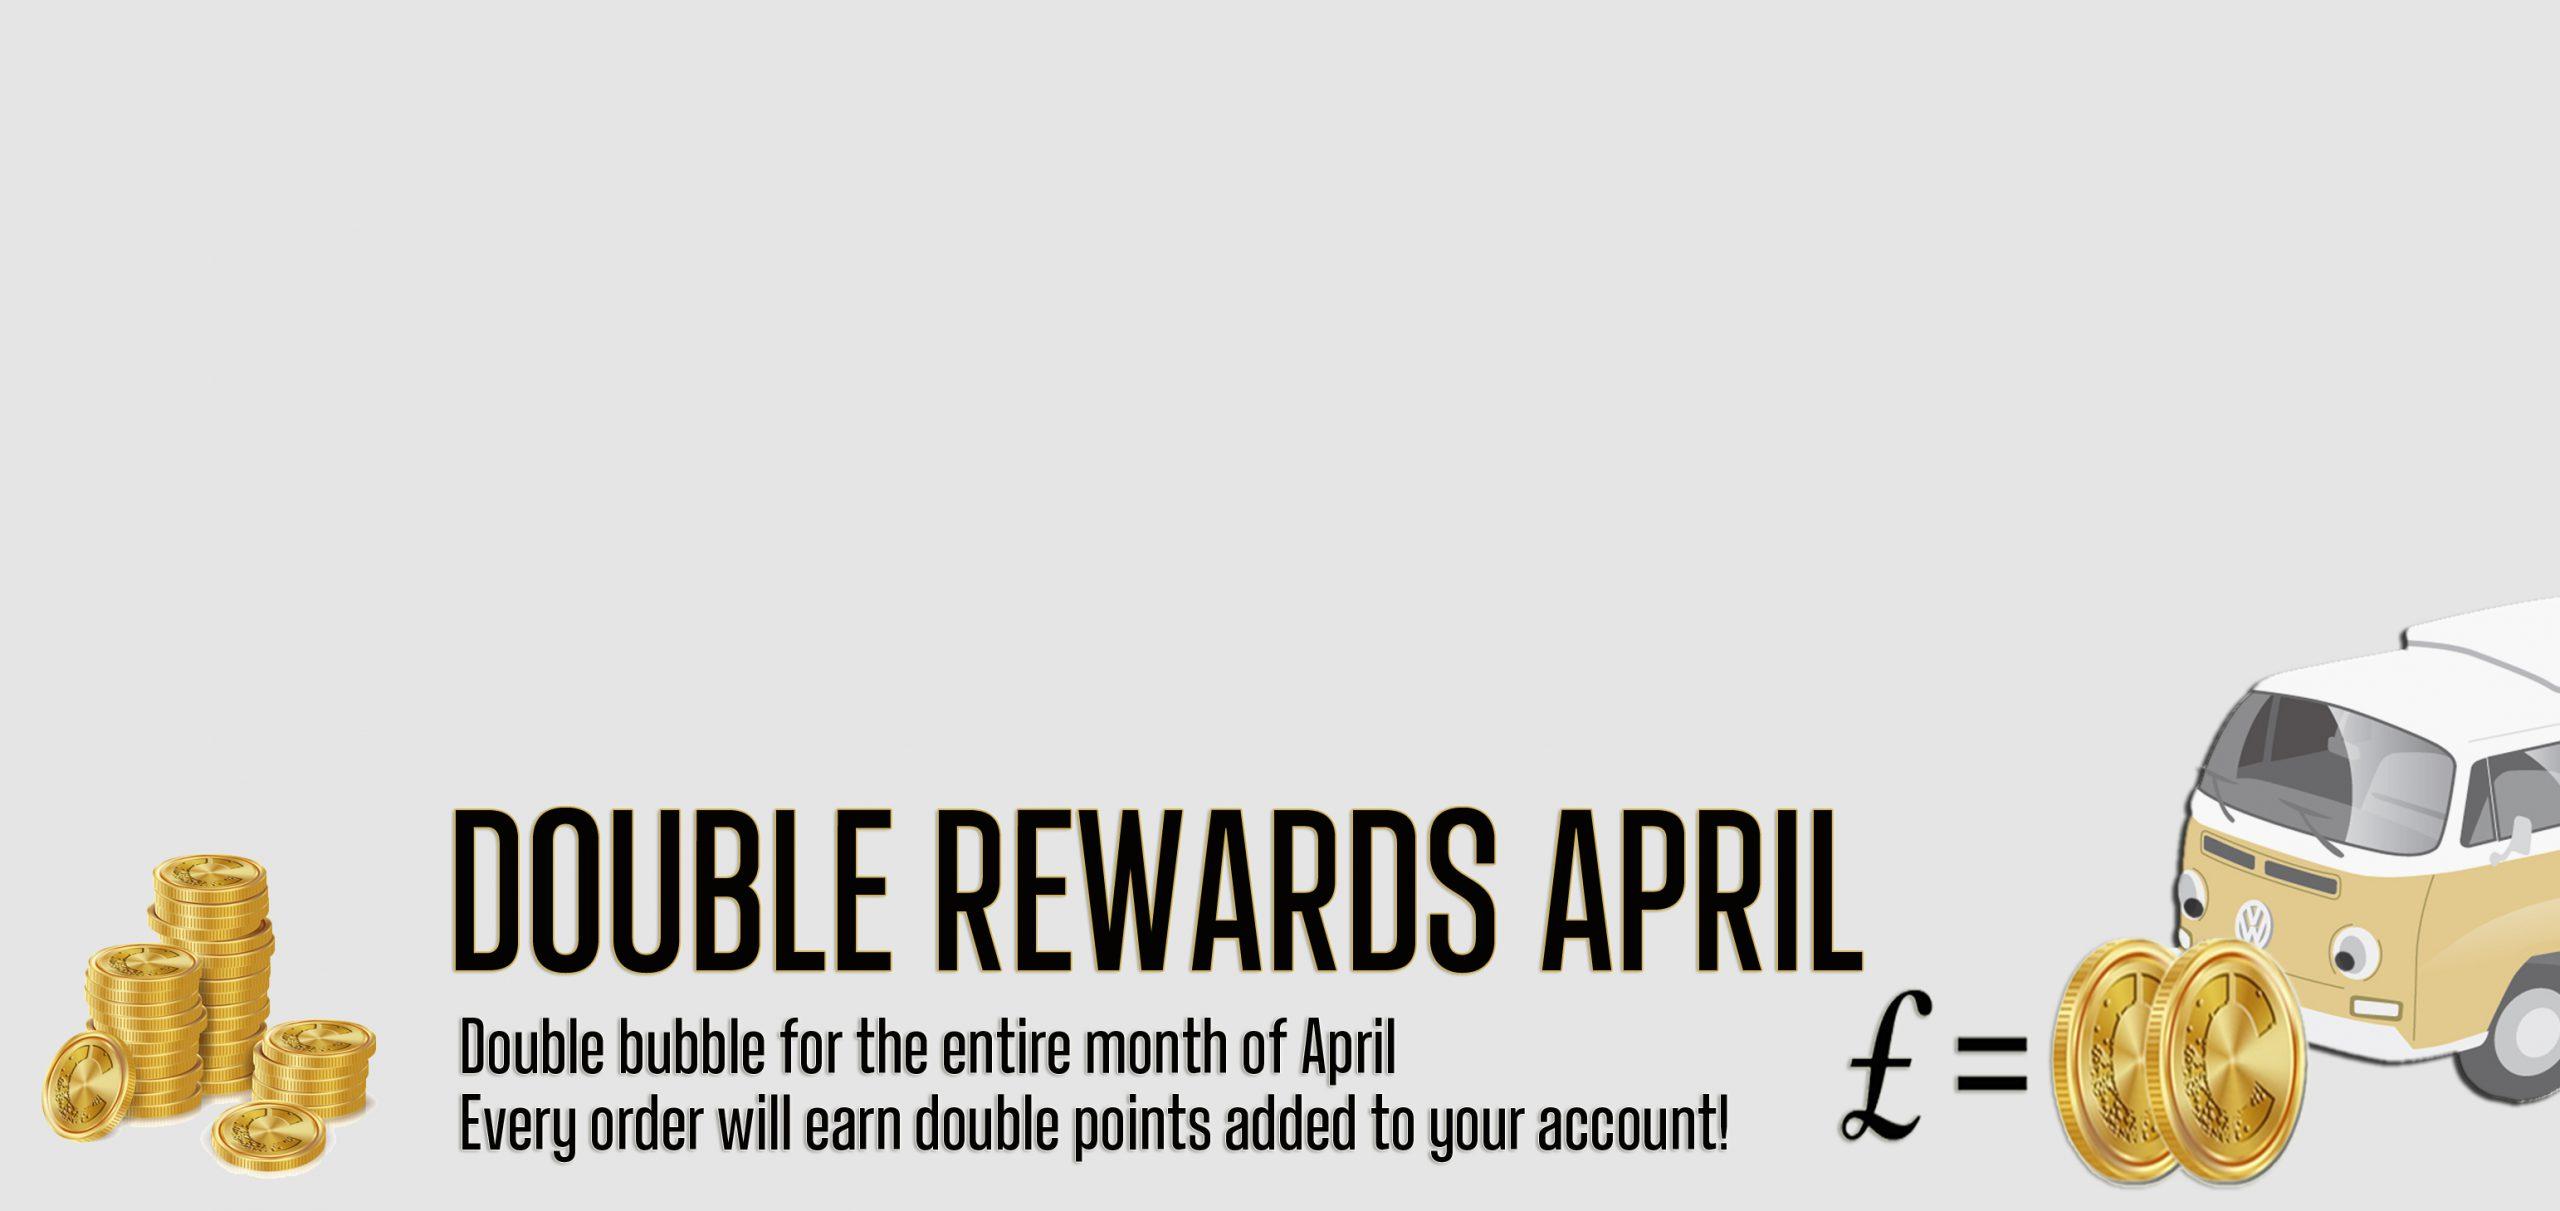 Double Rewards April